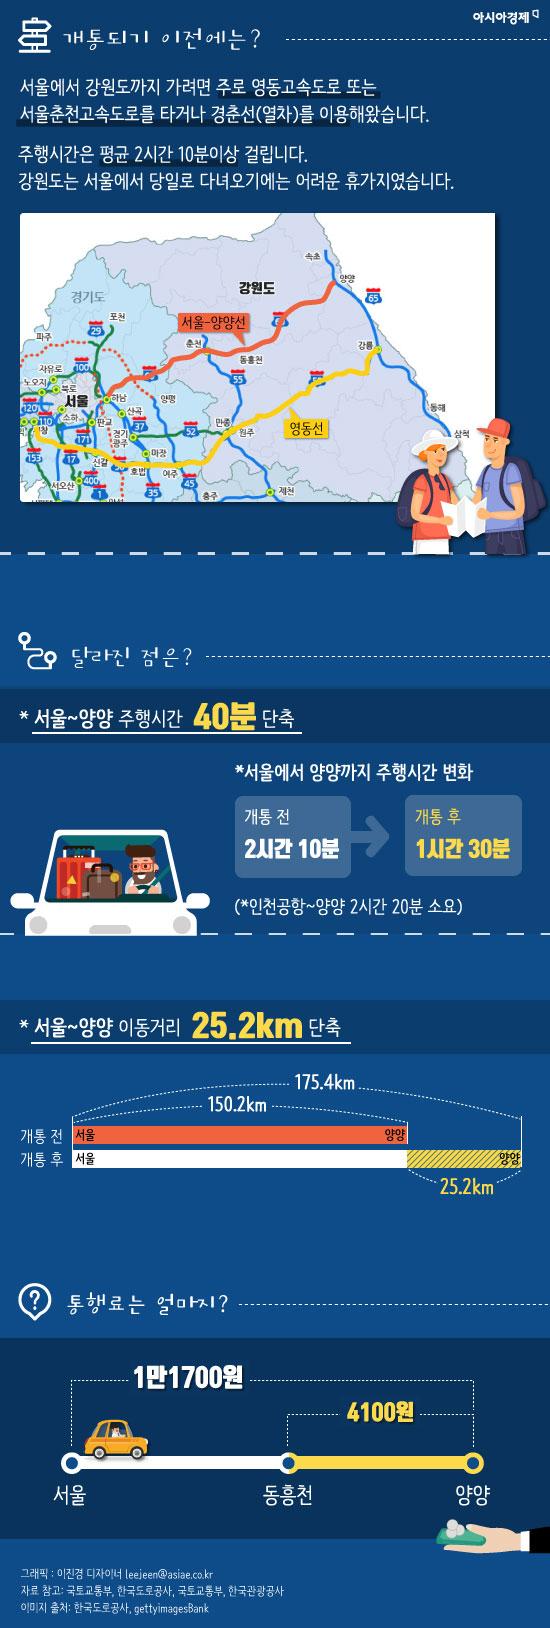 동해로 피서 갈때 필독! 동홍천~양양 고속도로 달려보자